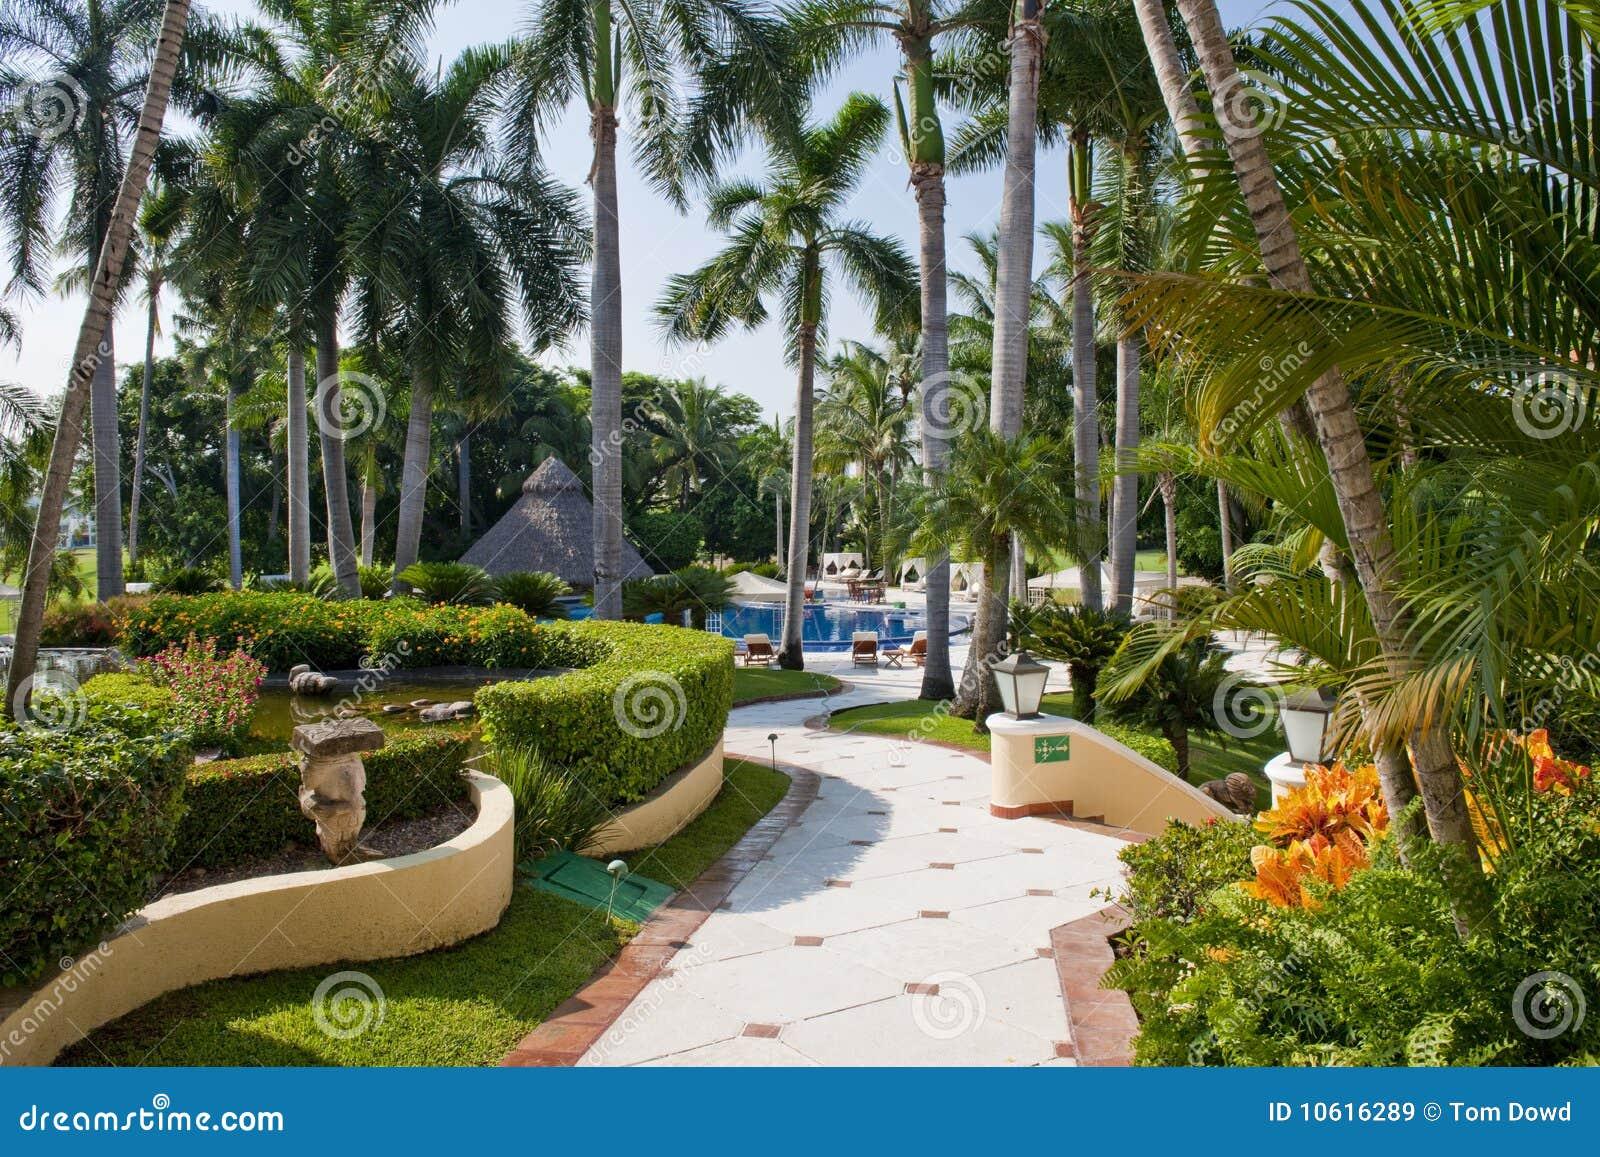 Jardines tropicales ajardinados im genes de archivo libres for Imagenes de jardines exoticos